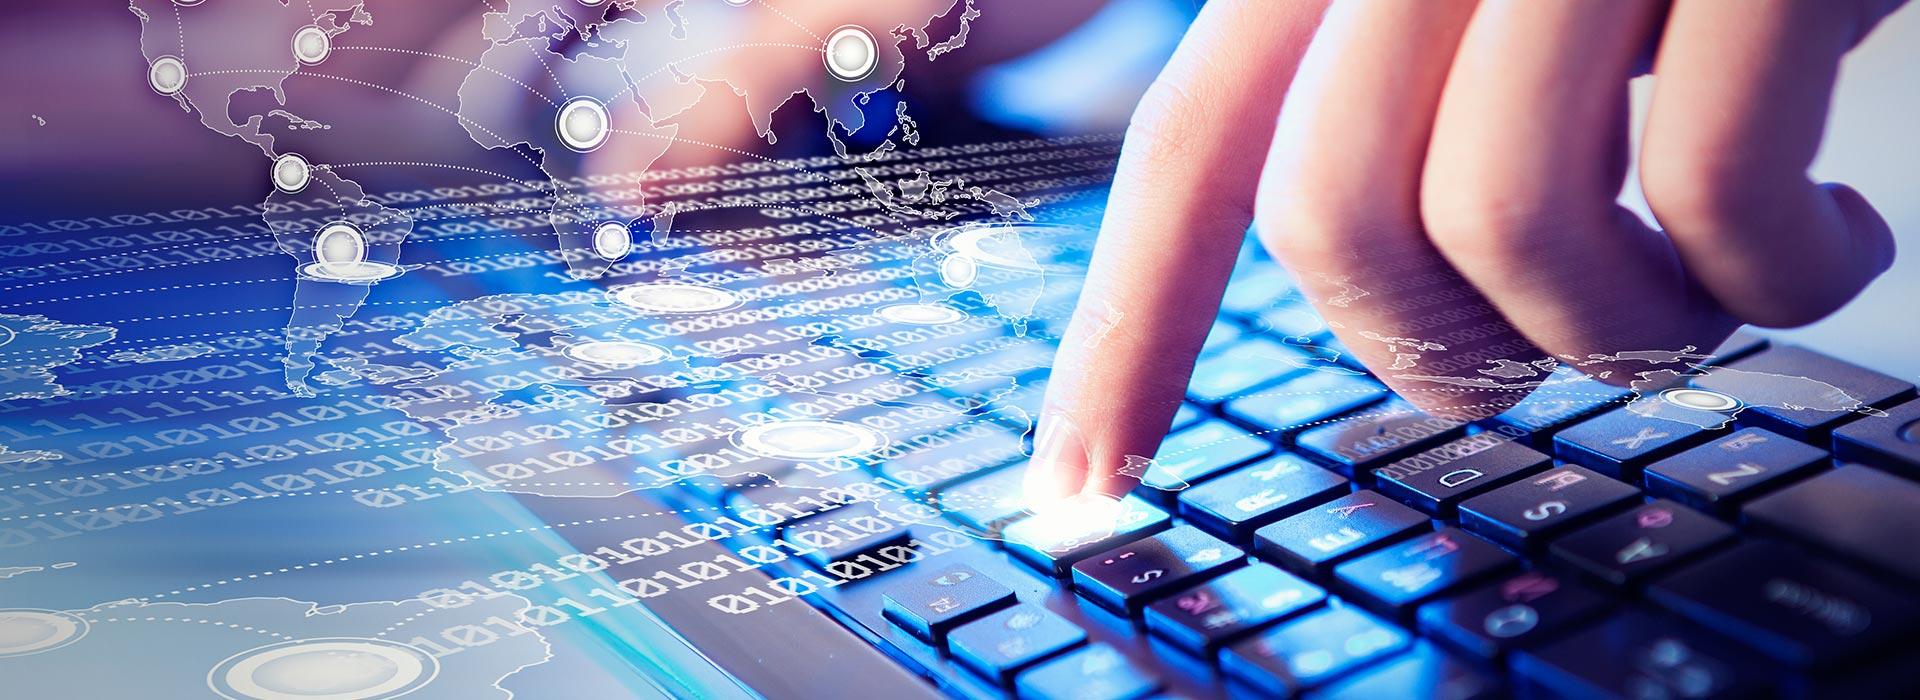 Artículos y noticias de actualidad sobre el Marketing automation o marketing de automatización como componente de la gestión de relaciones con los clientes